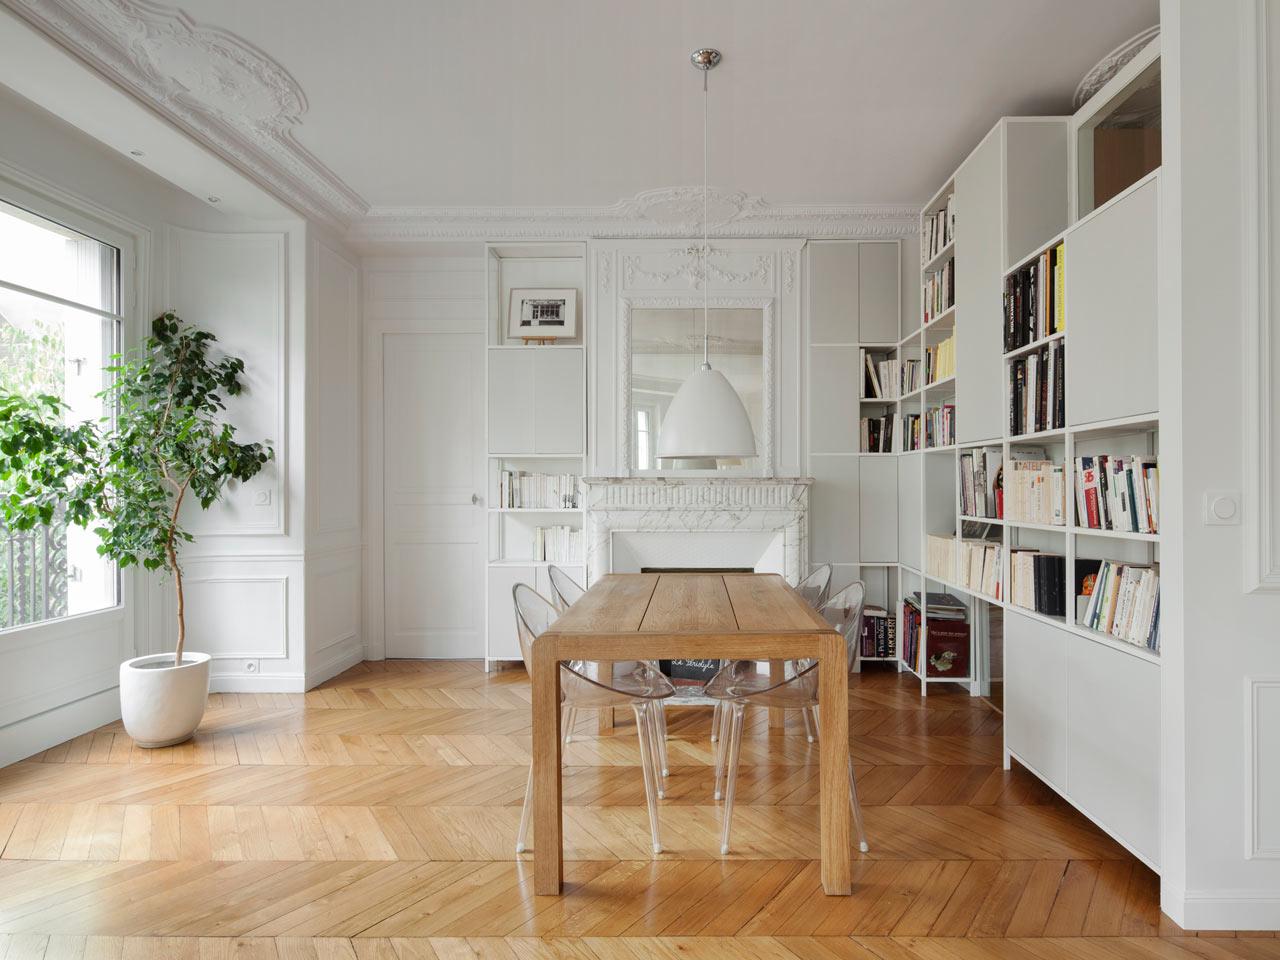 A Modern Haussmannien Flat in the Heart of Paris